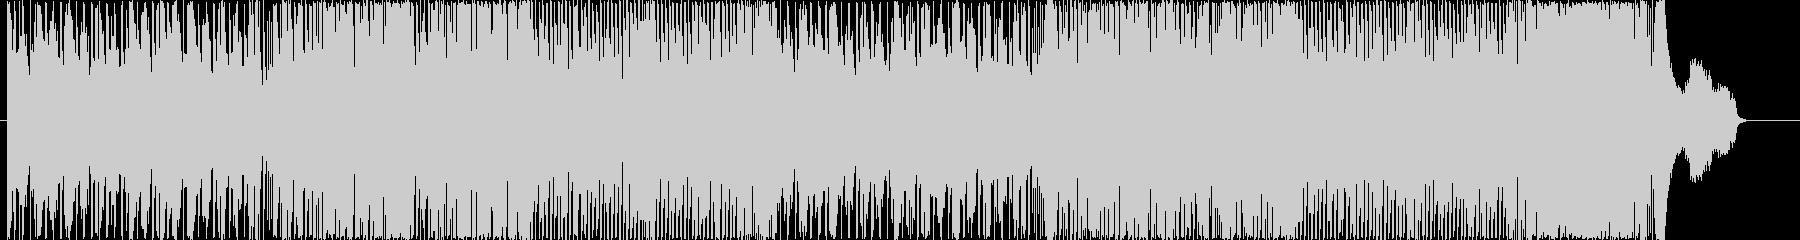 和楽器を使った激しいハイテンションの曲の未再生の波形